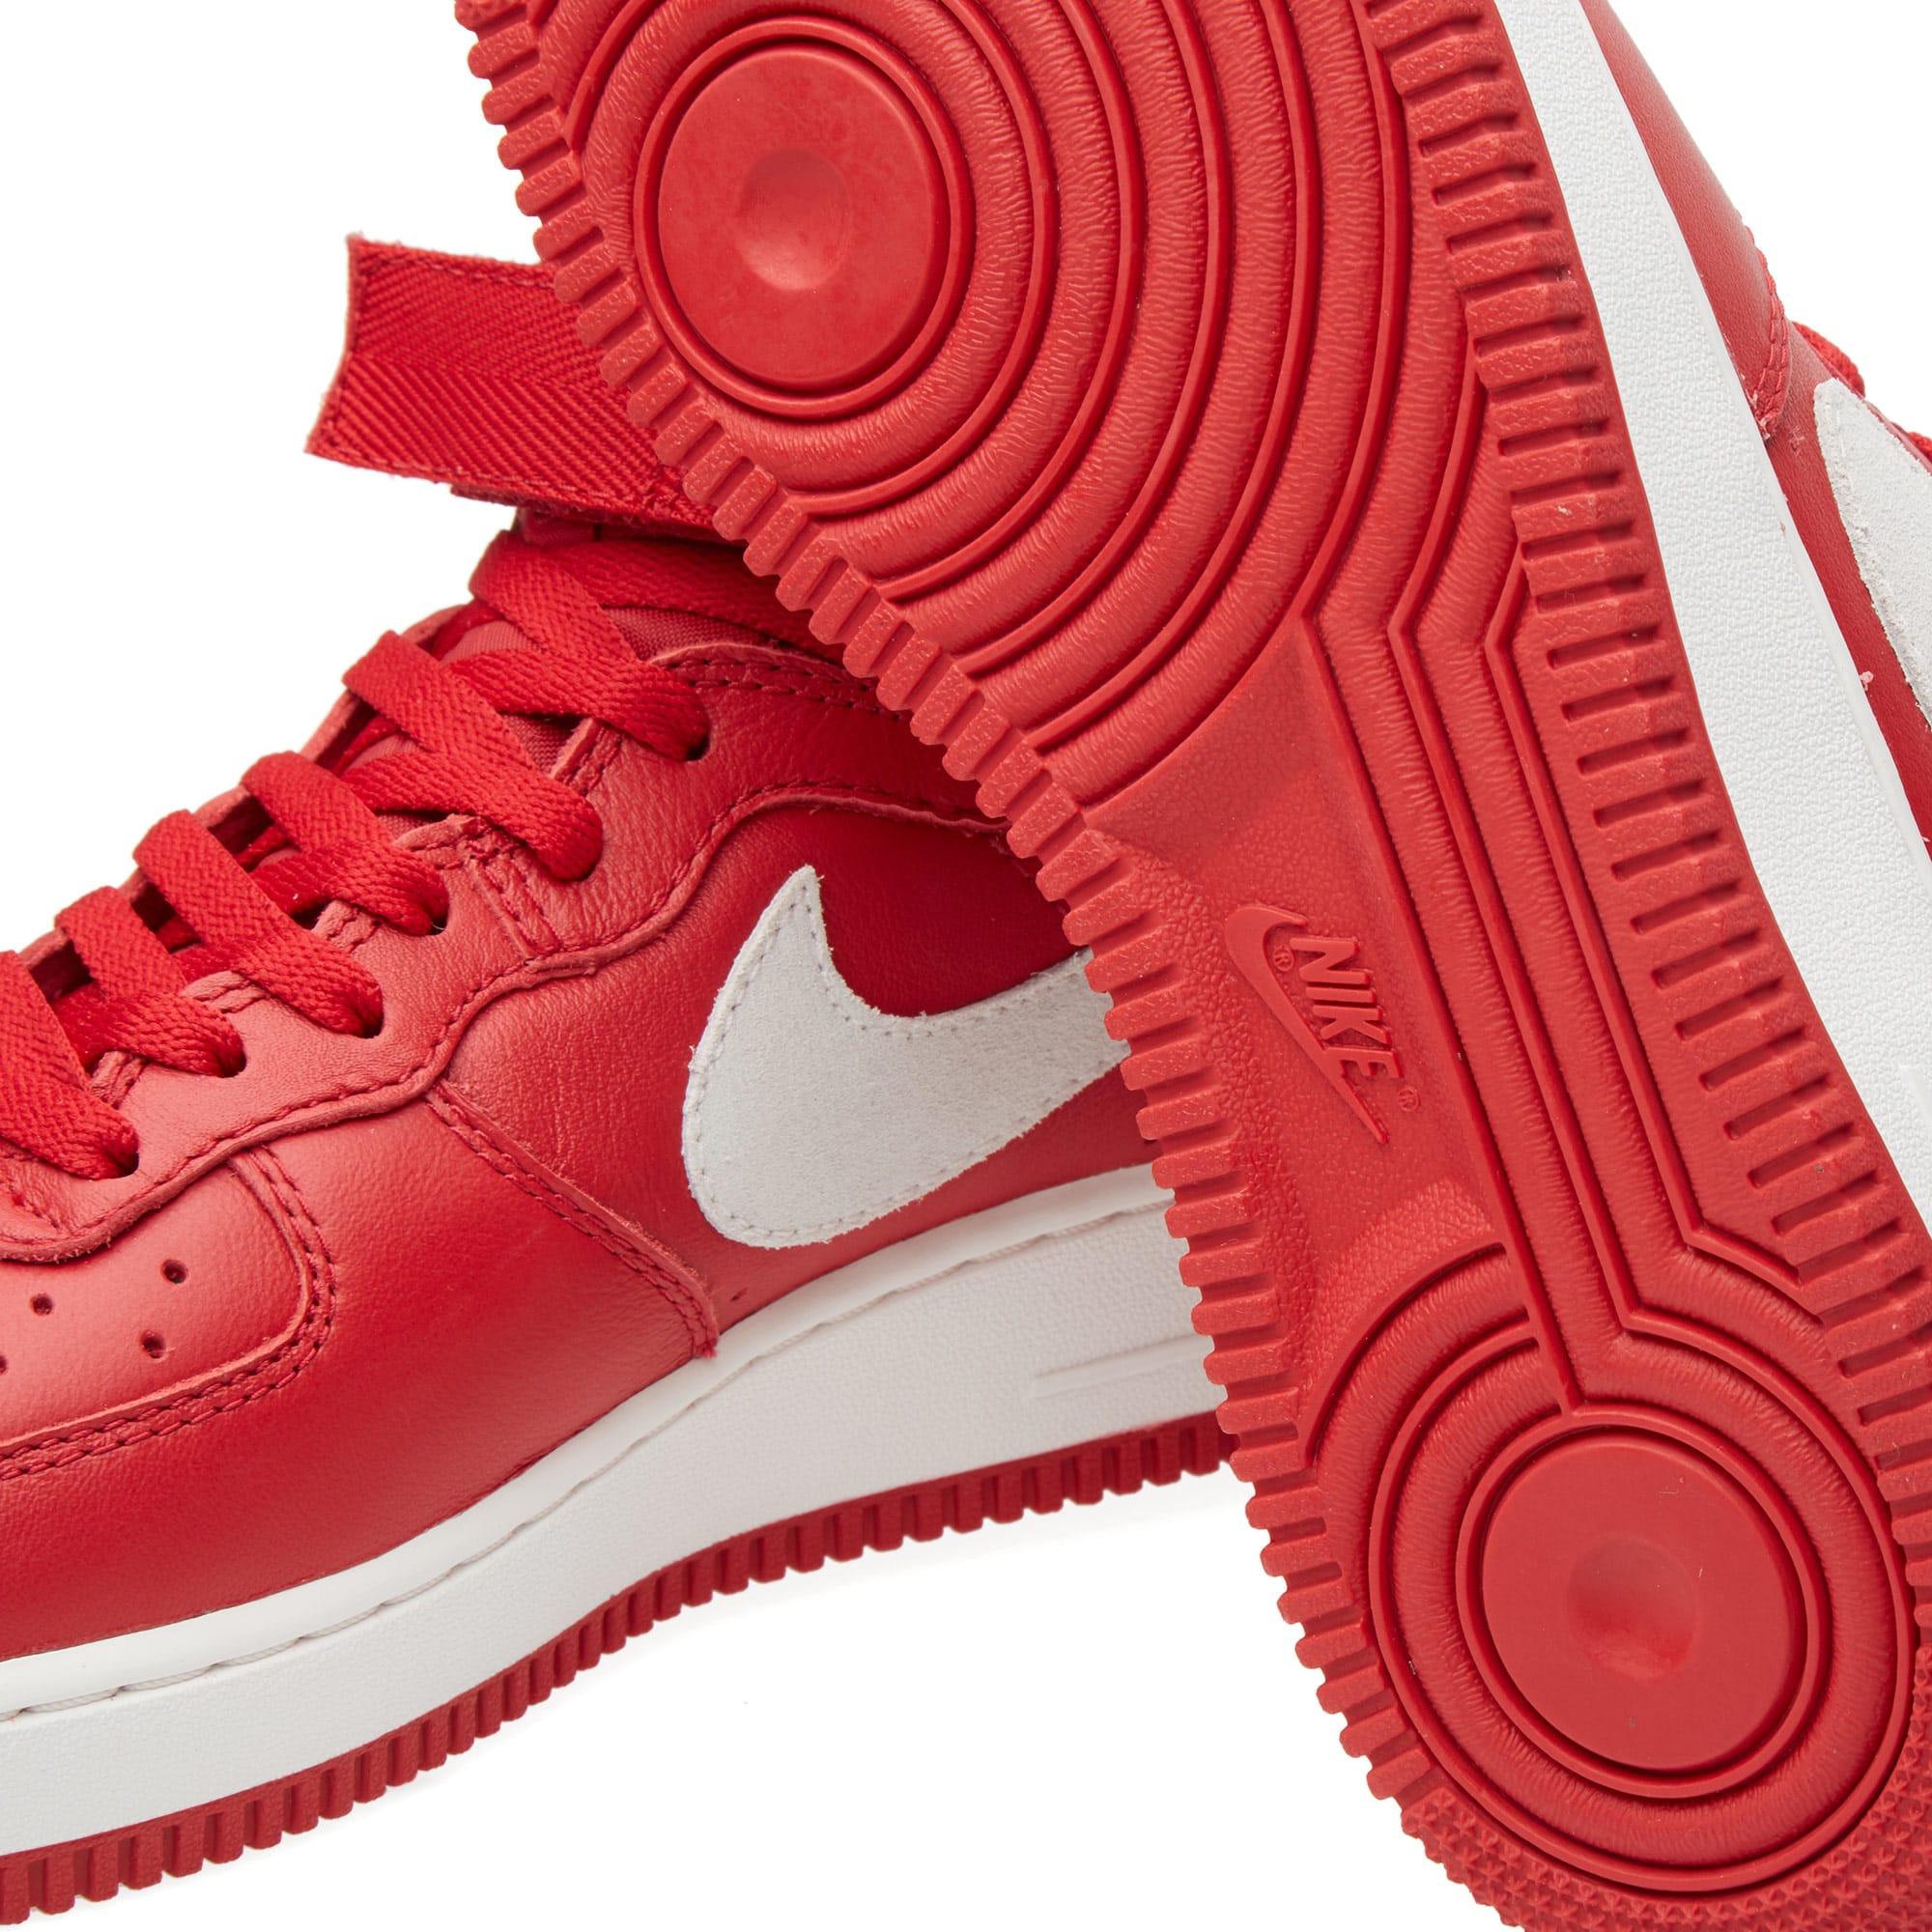 watch 56d2d 4c09a Nike Air Force 1 Hi Retro QS